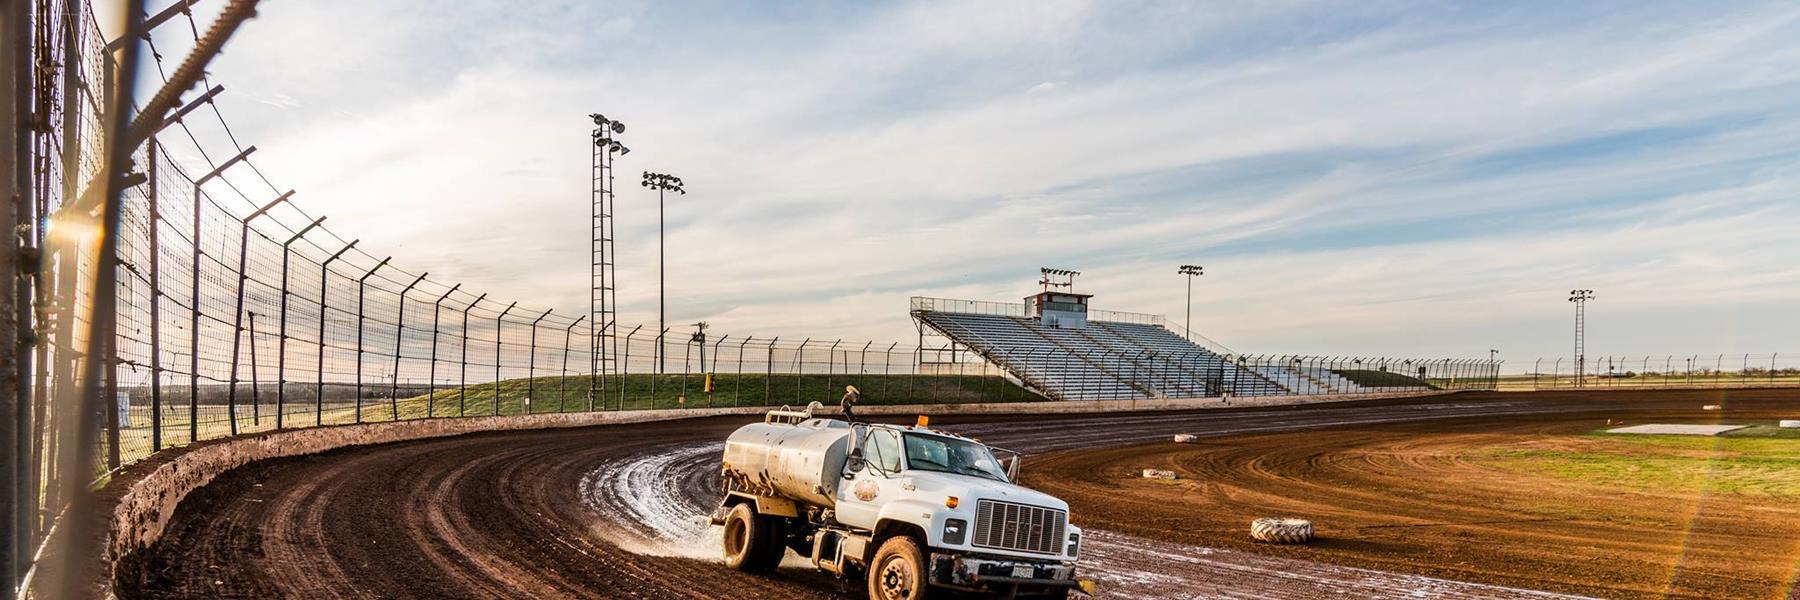 10/16/2021 - Monarch Motor Speedway